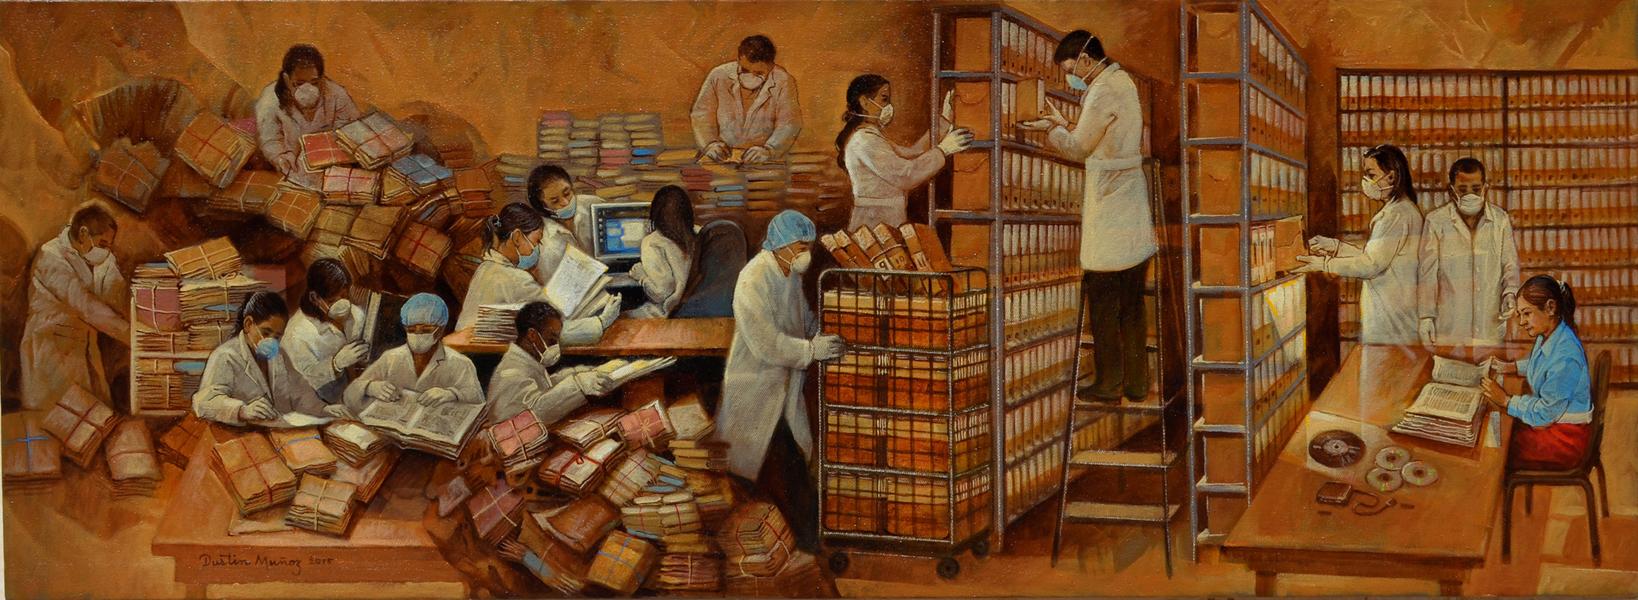 Proyecto del mural La cuidadosa y delicada misión del Archivo General de la Nación, para concurso del AGN, ganador del premio único, Dustin Muñoz, 2016